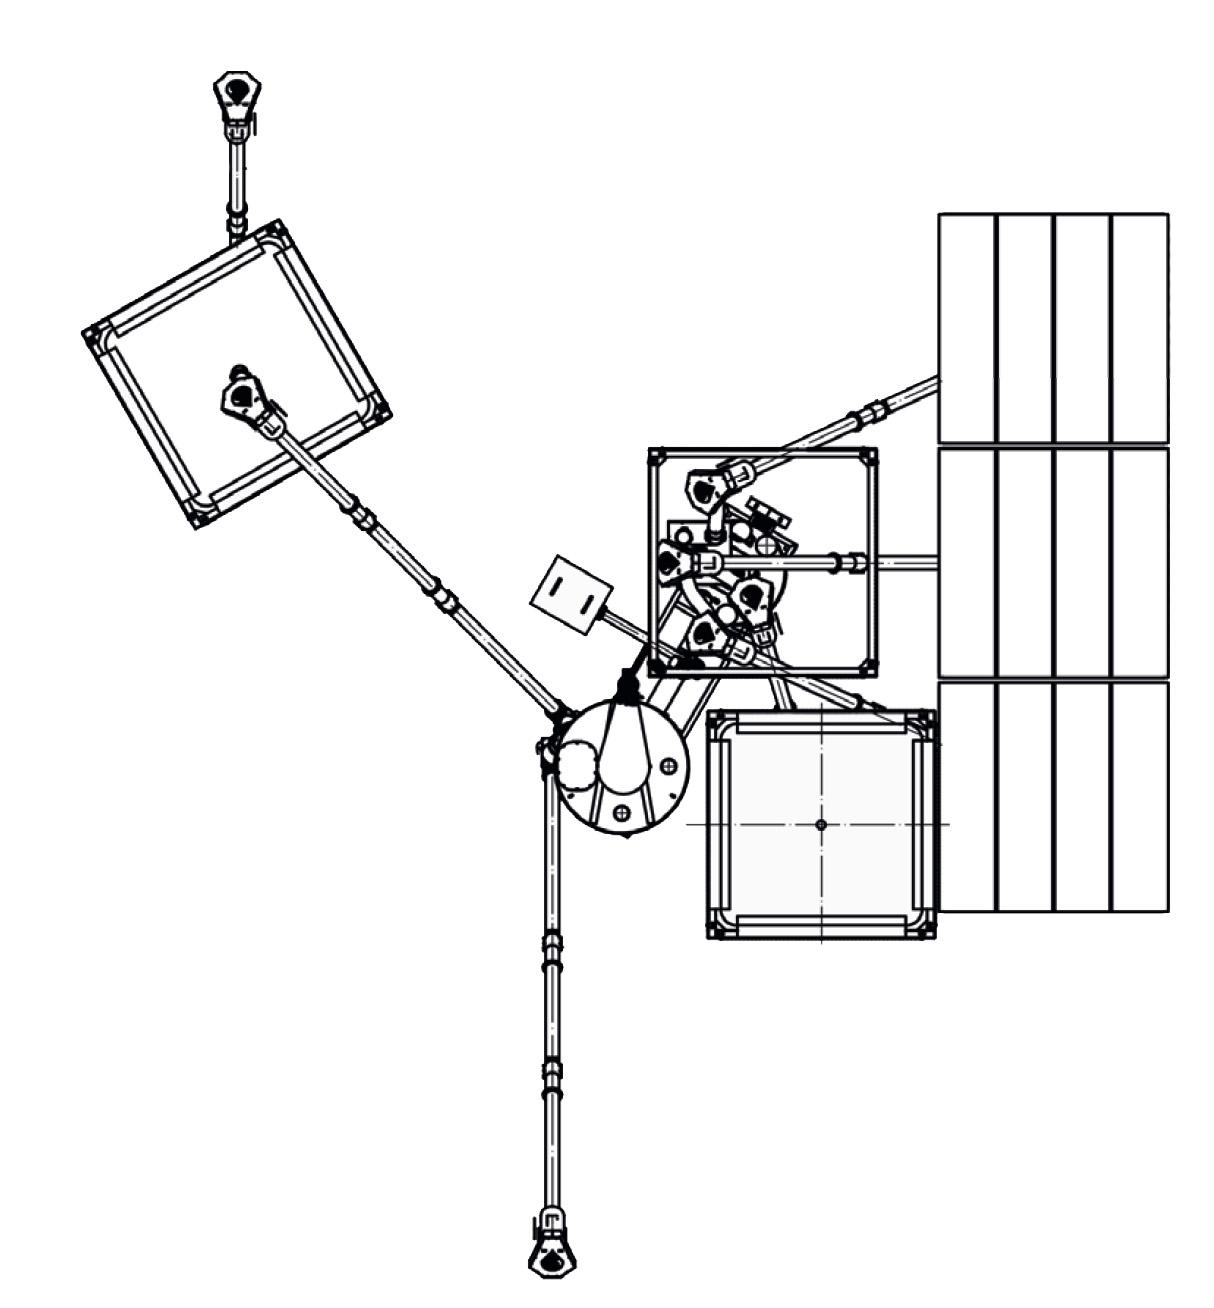 Kombinuotųjų pašarų gamybos linija su kompaktišku pašarų maišytuvu brėžinys